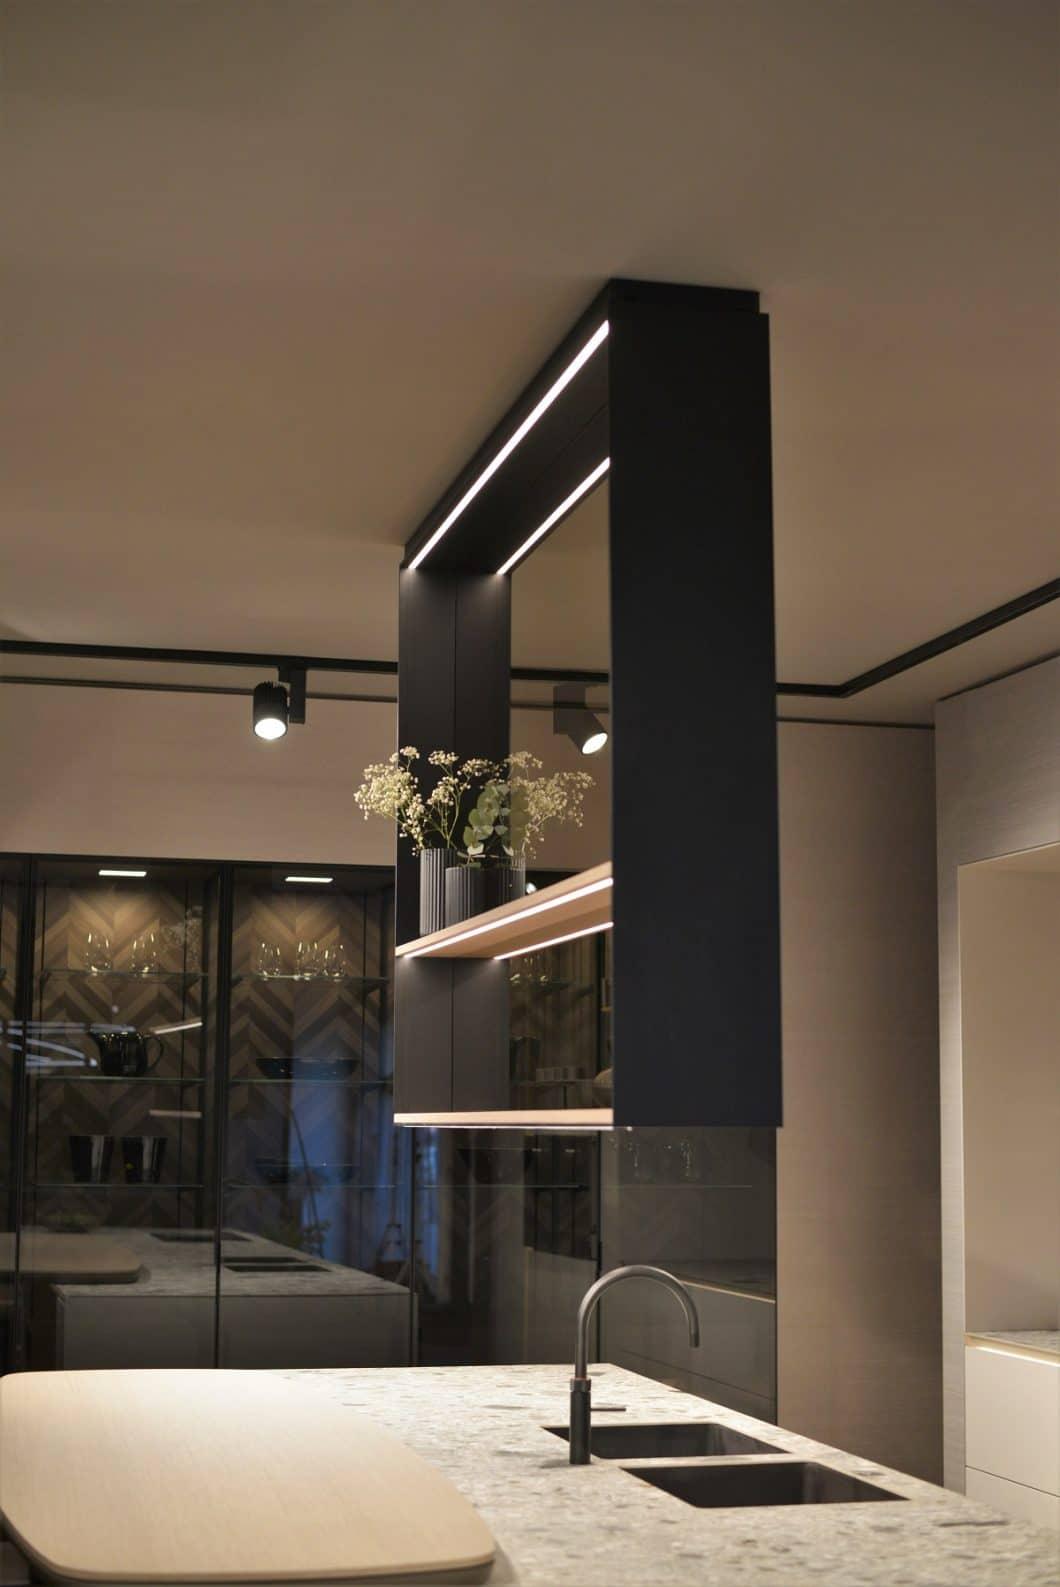 Als Raumtrenner fungiert dieses zarte Aluminium-Glas-Gestell, das zwischen Koch- und Essbereich bzw. Bartheke von der Decke hängt und zeitgleich als offenes, modernes Regal fungiert. (Foto: Sophie Engelhard)